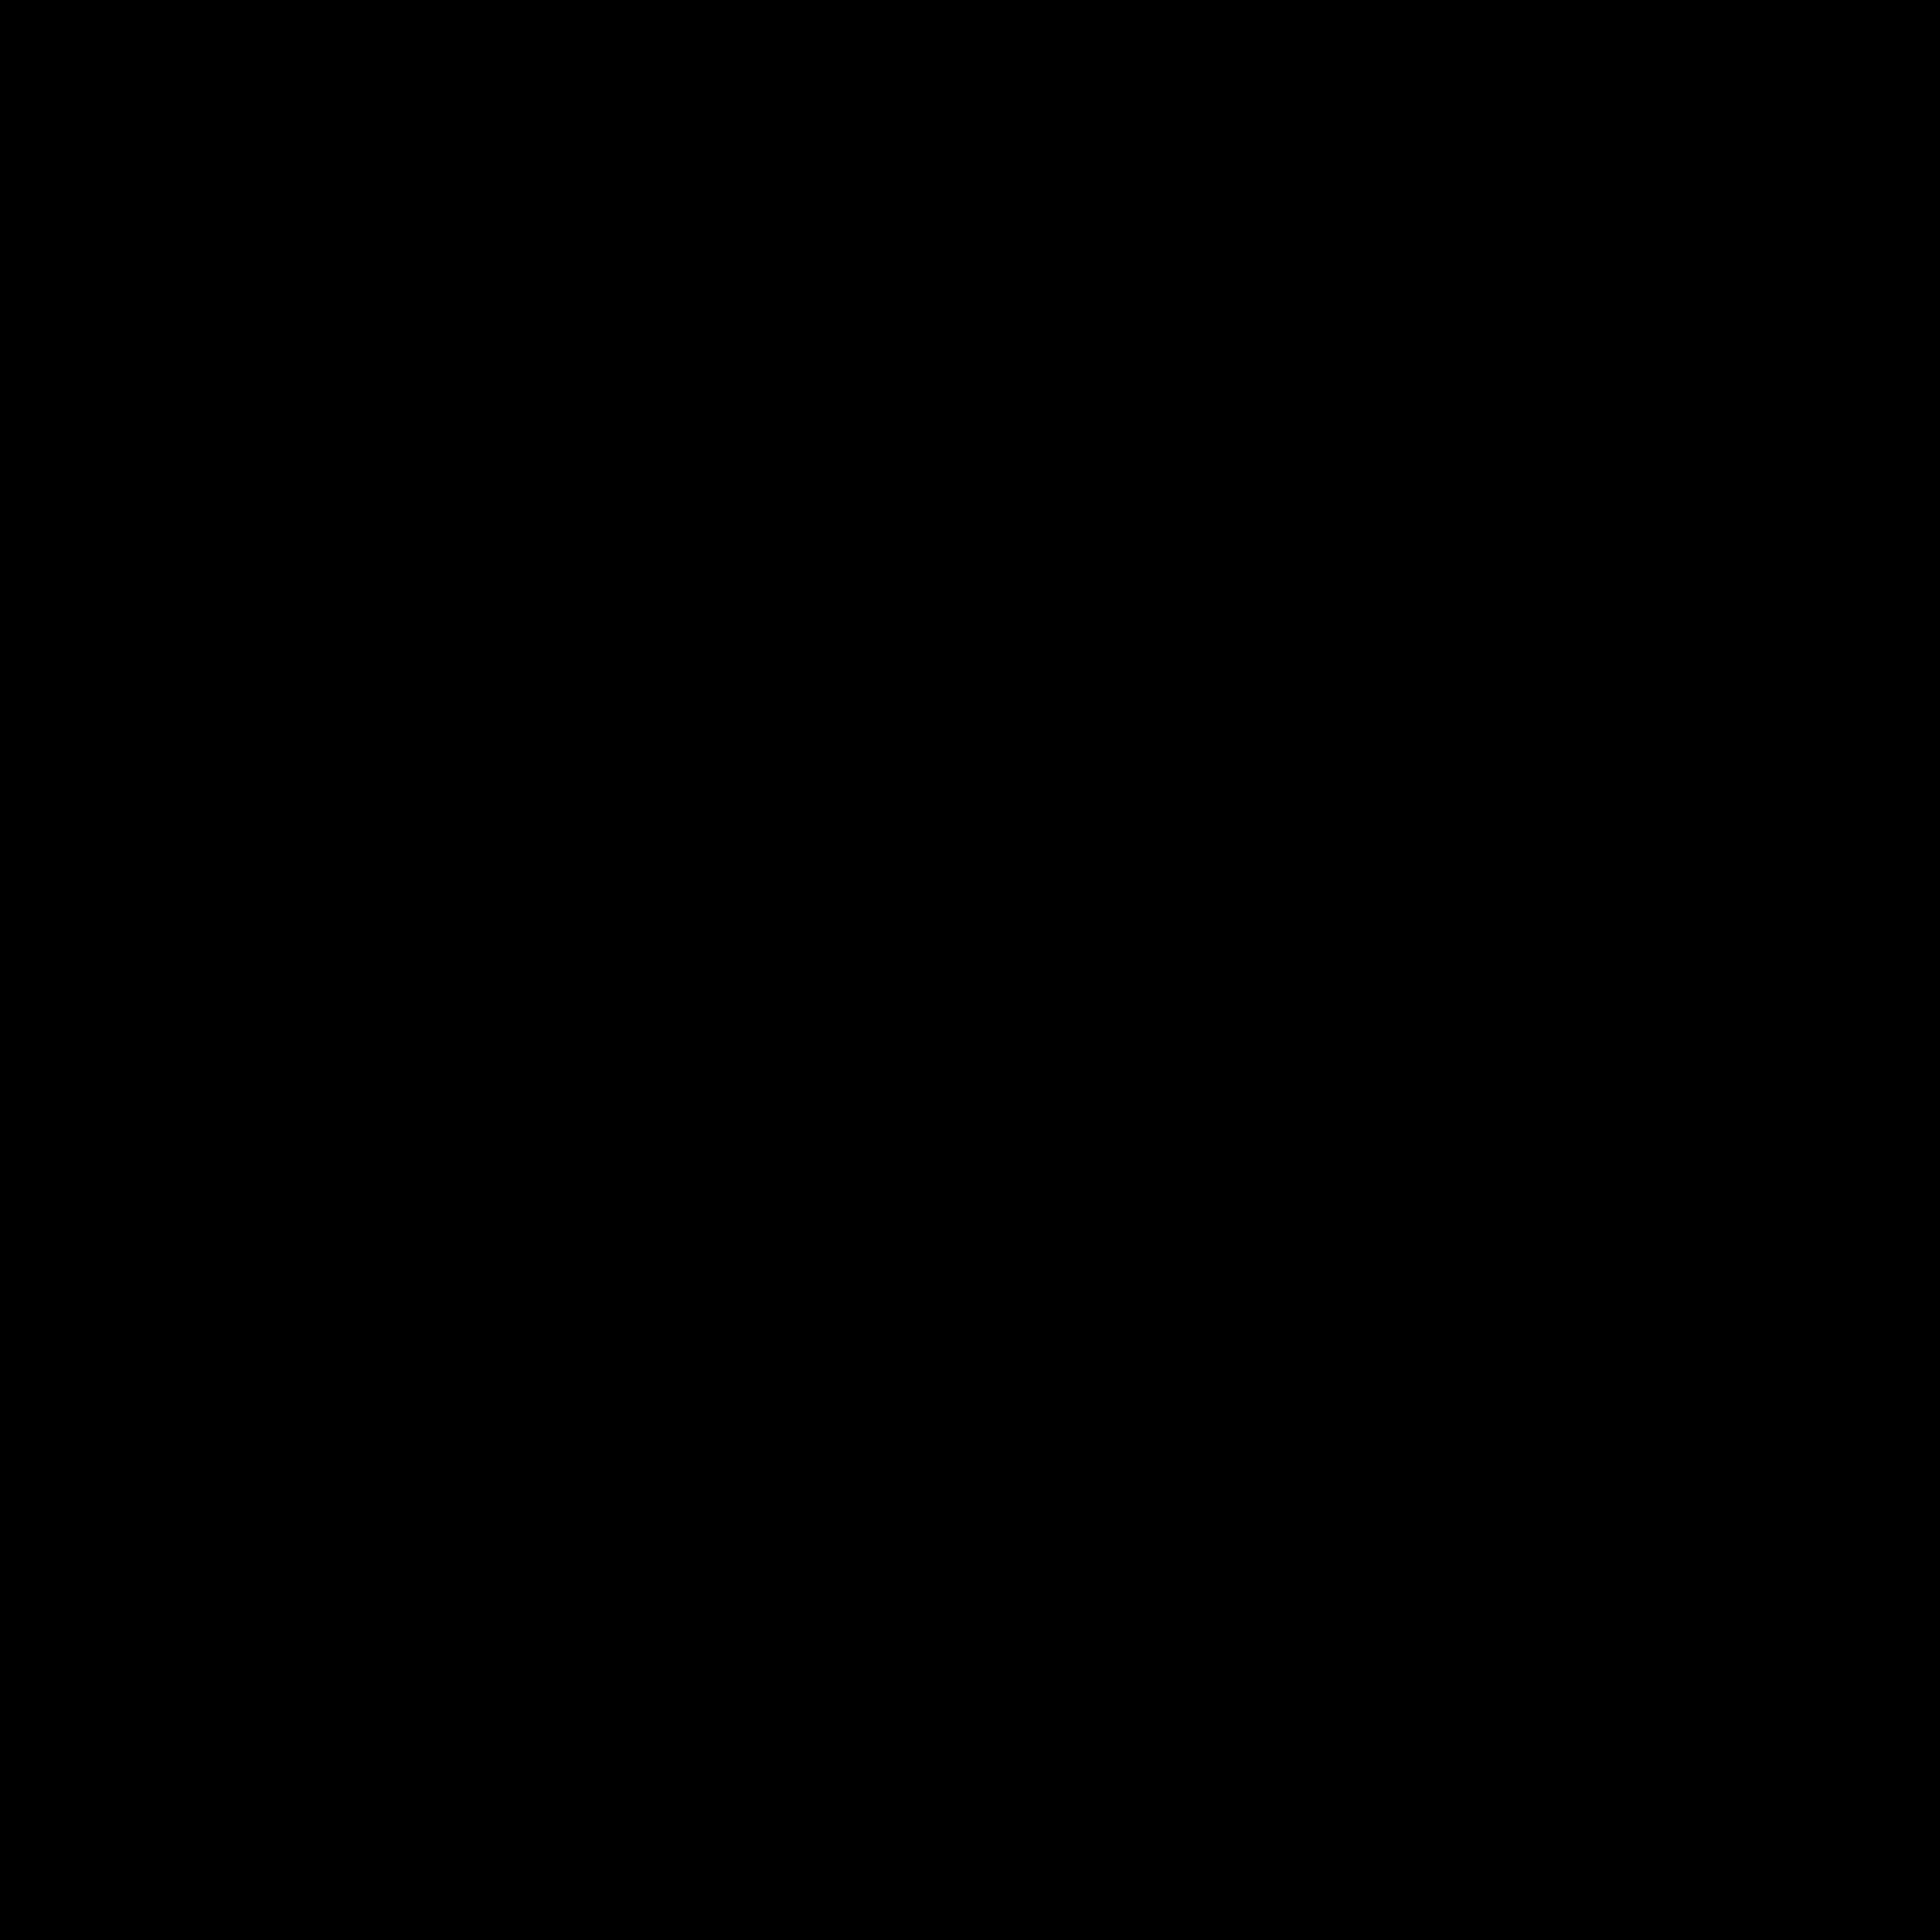 TechnoClean Logo PNG Transparent